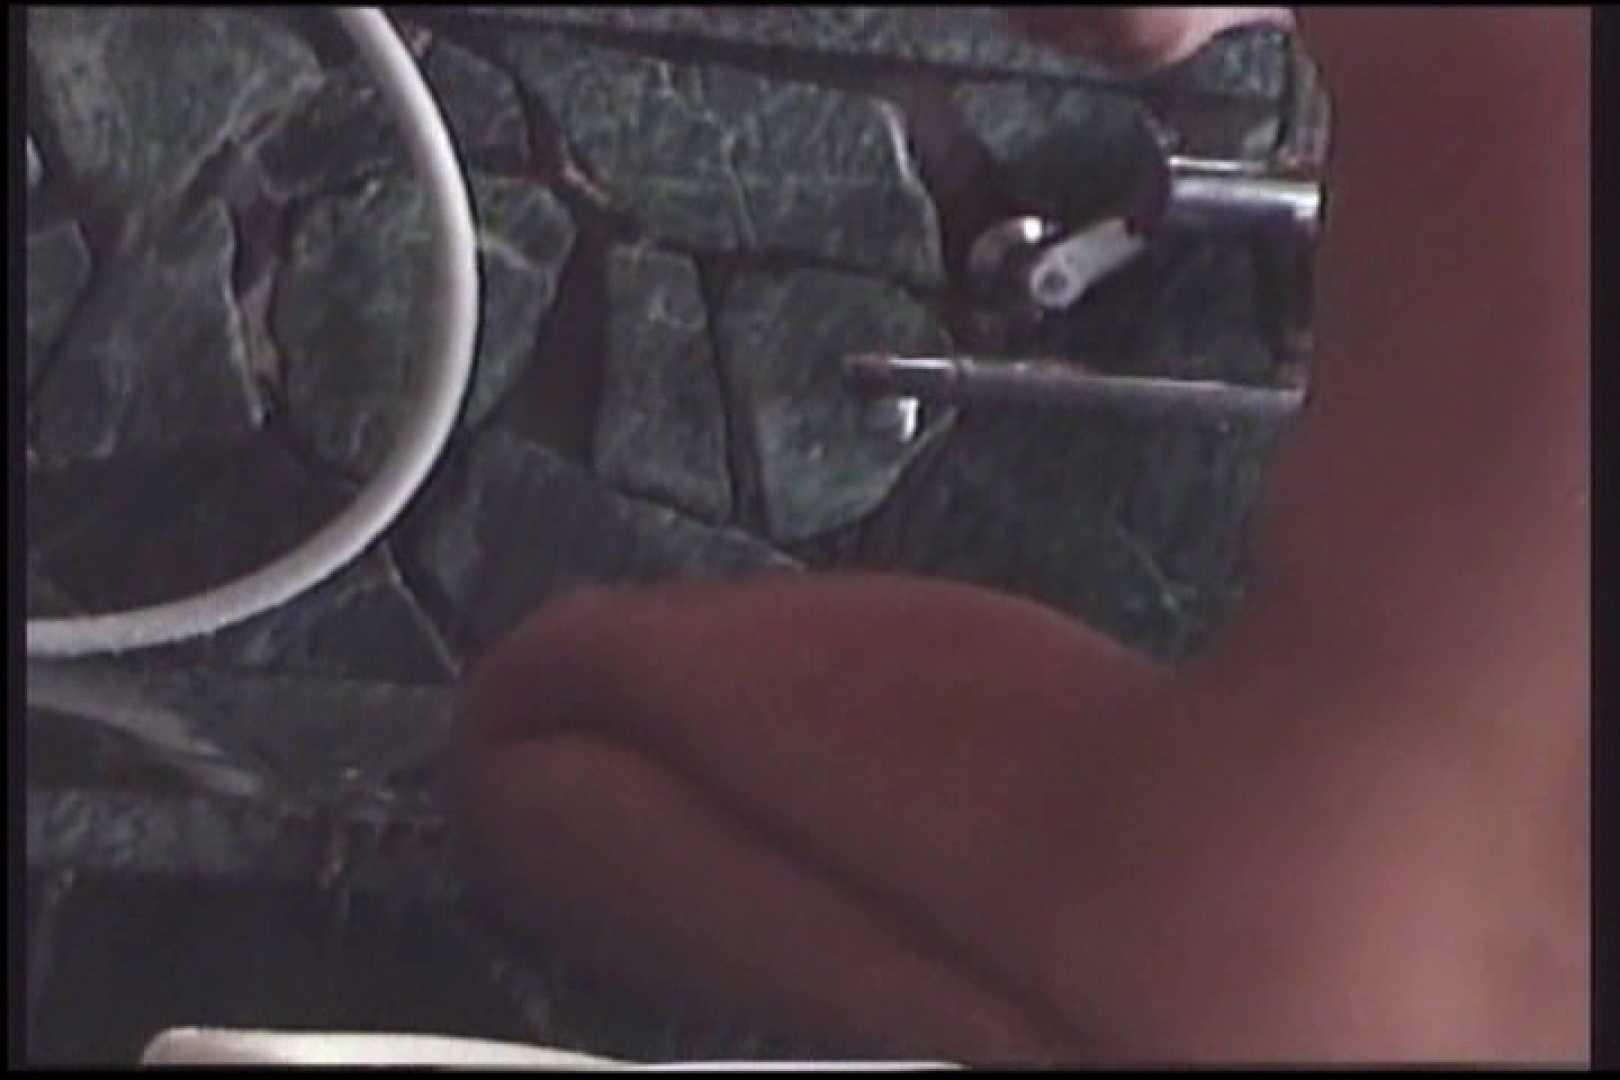 体育会系男子の銭湯合宿を覗いてみようvol.03 ガチムチマッチョ系 | 男天国  58pic 18